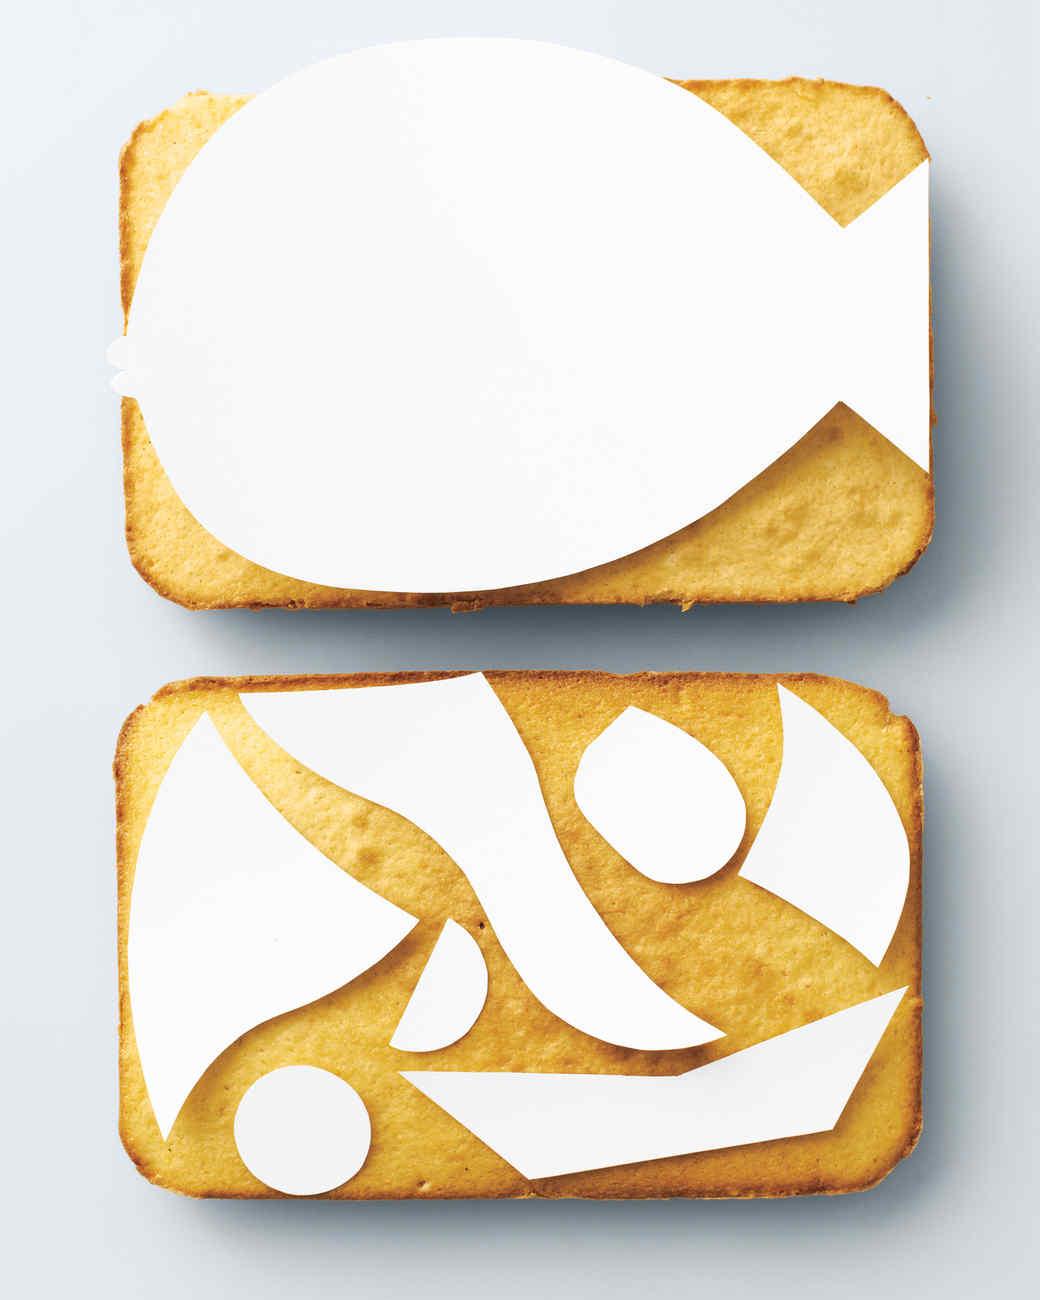 sheet-cake-fish-1-mld108427.jpg